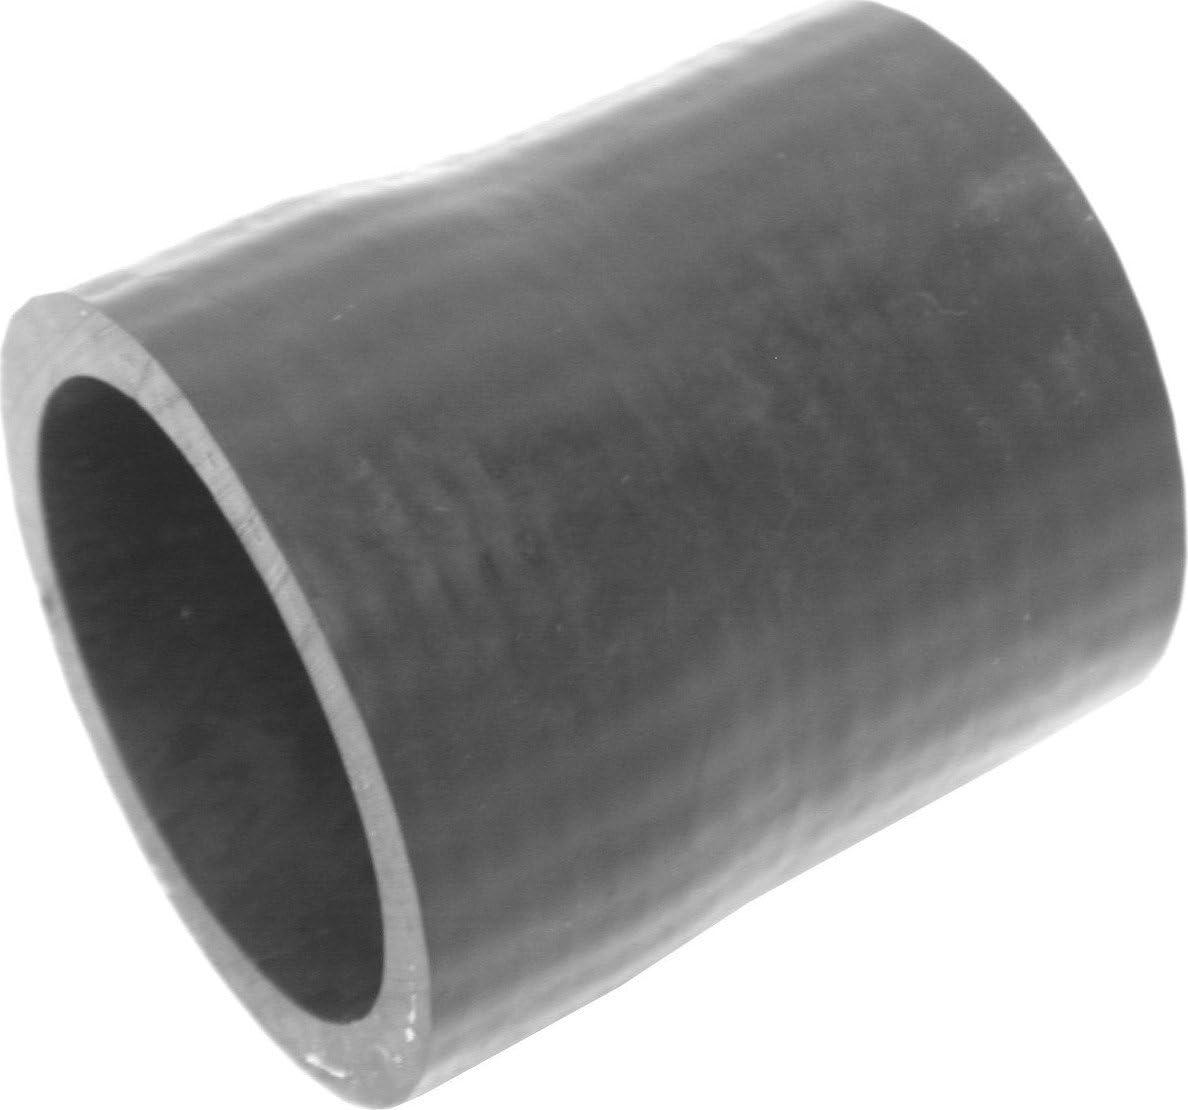 URO Parts 9179002 Intercooler Hose